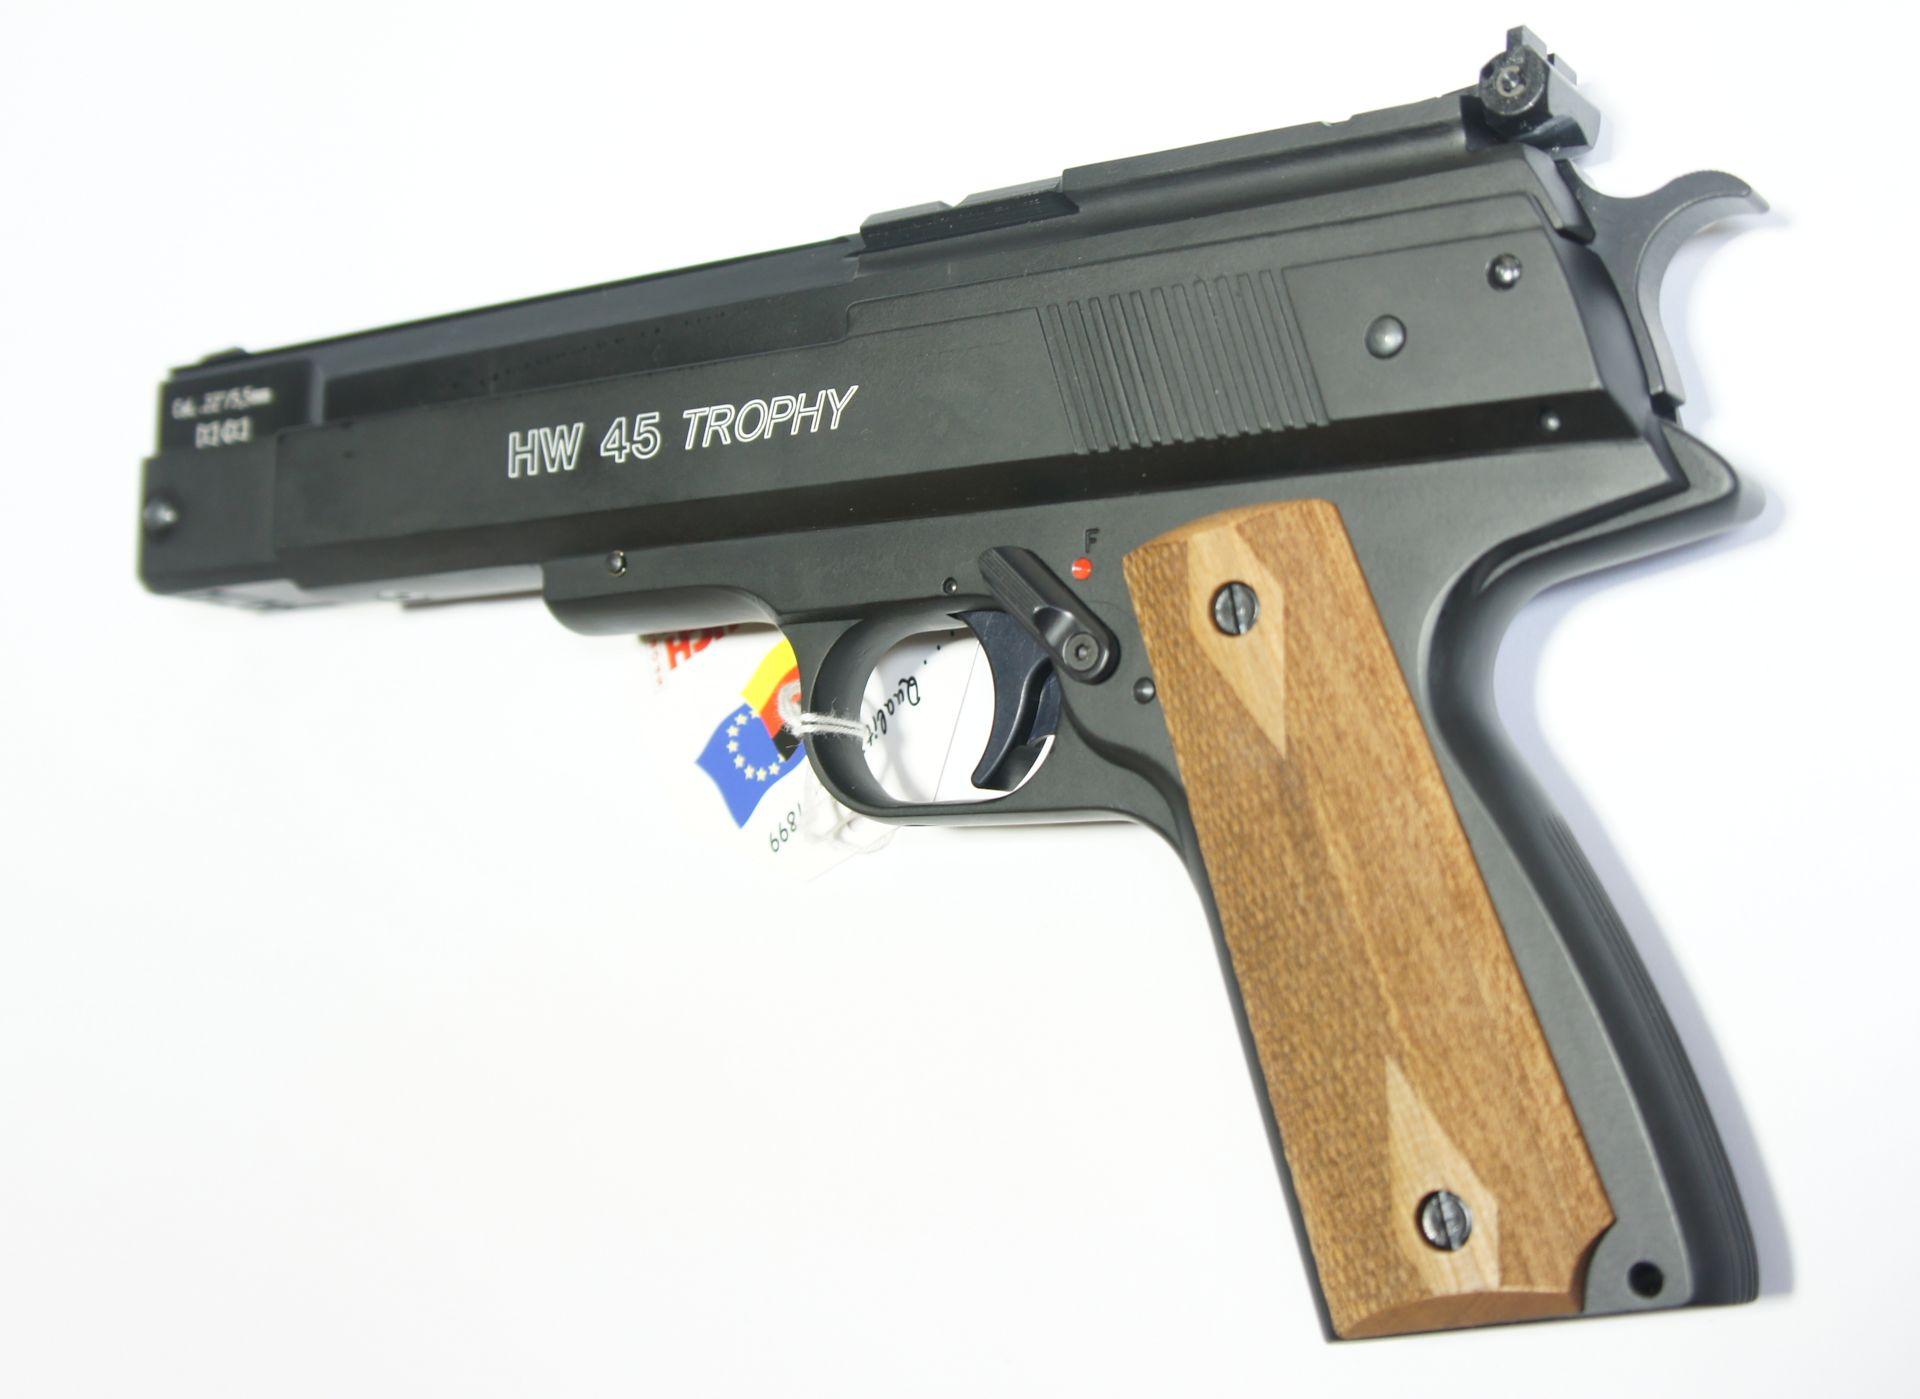 Nur hier wird Ihnen die HW 45 Trophy im Kaliber 4,5mm angeboten.